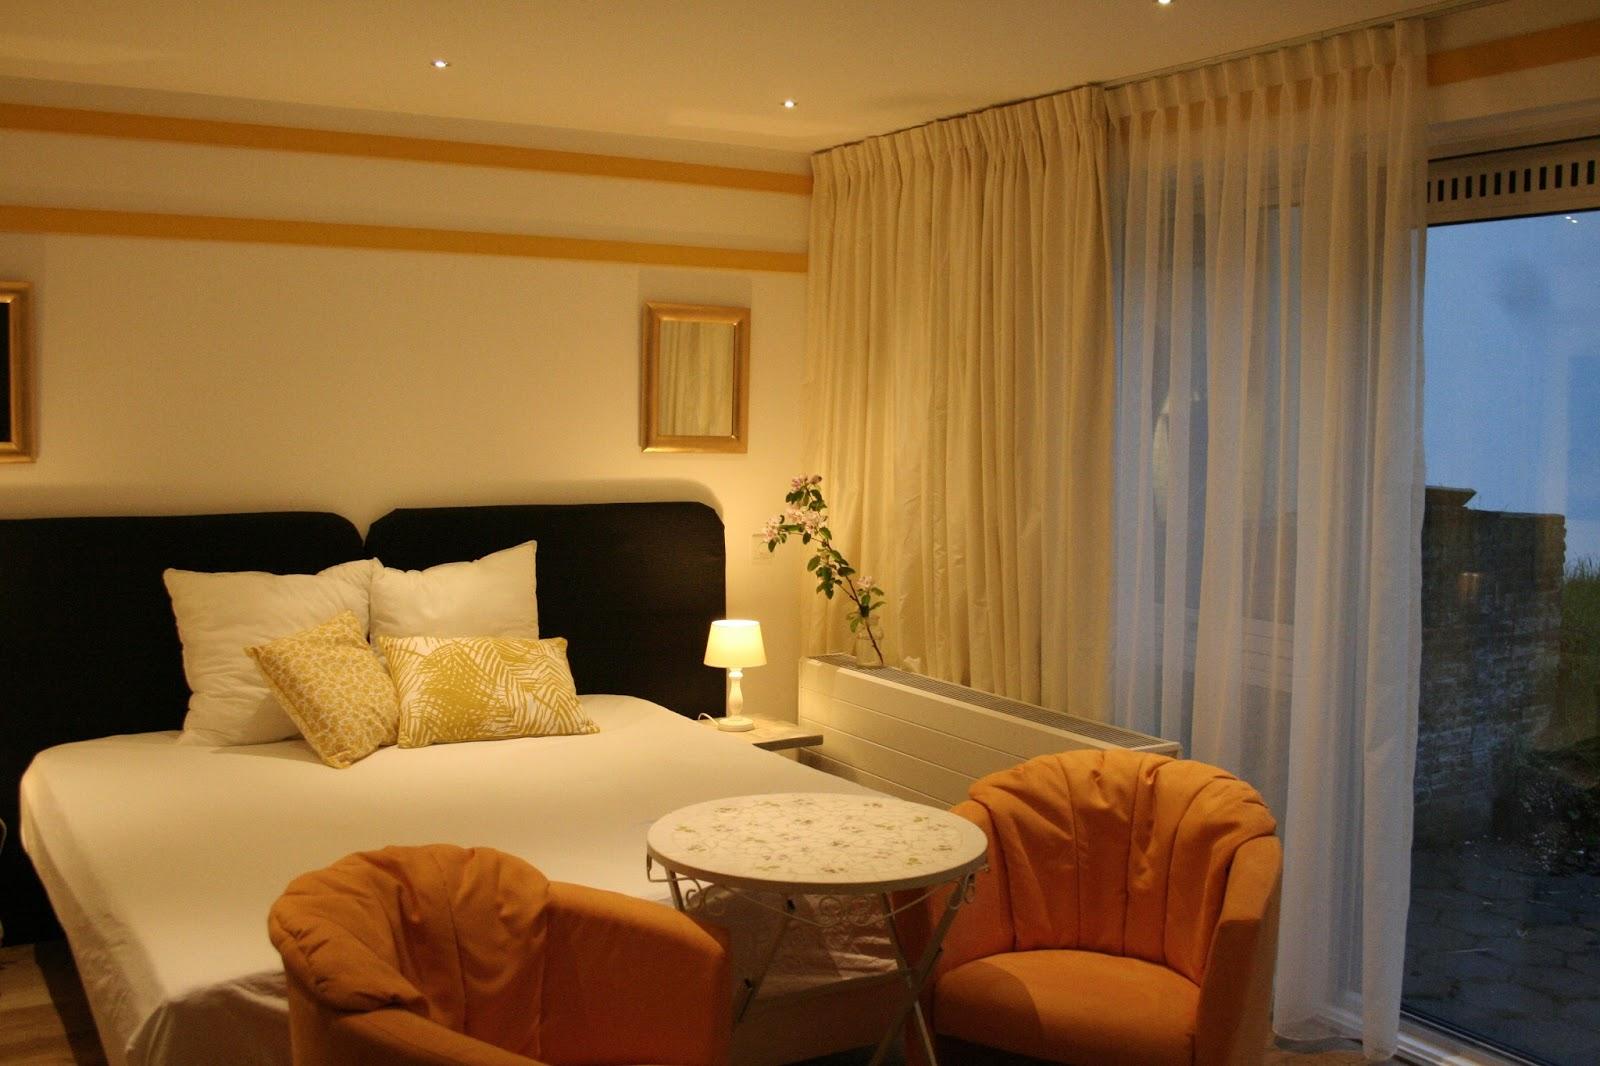 Landhuis sere kamers - Nacht kamer decoratie ...